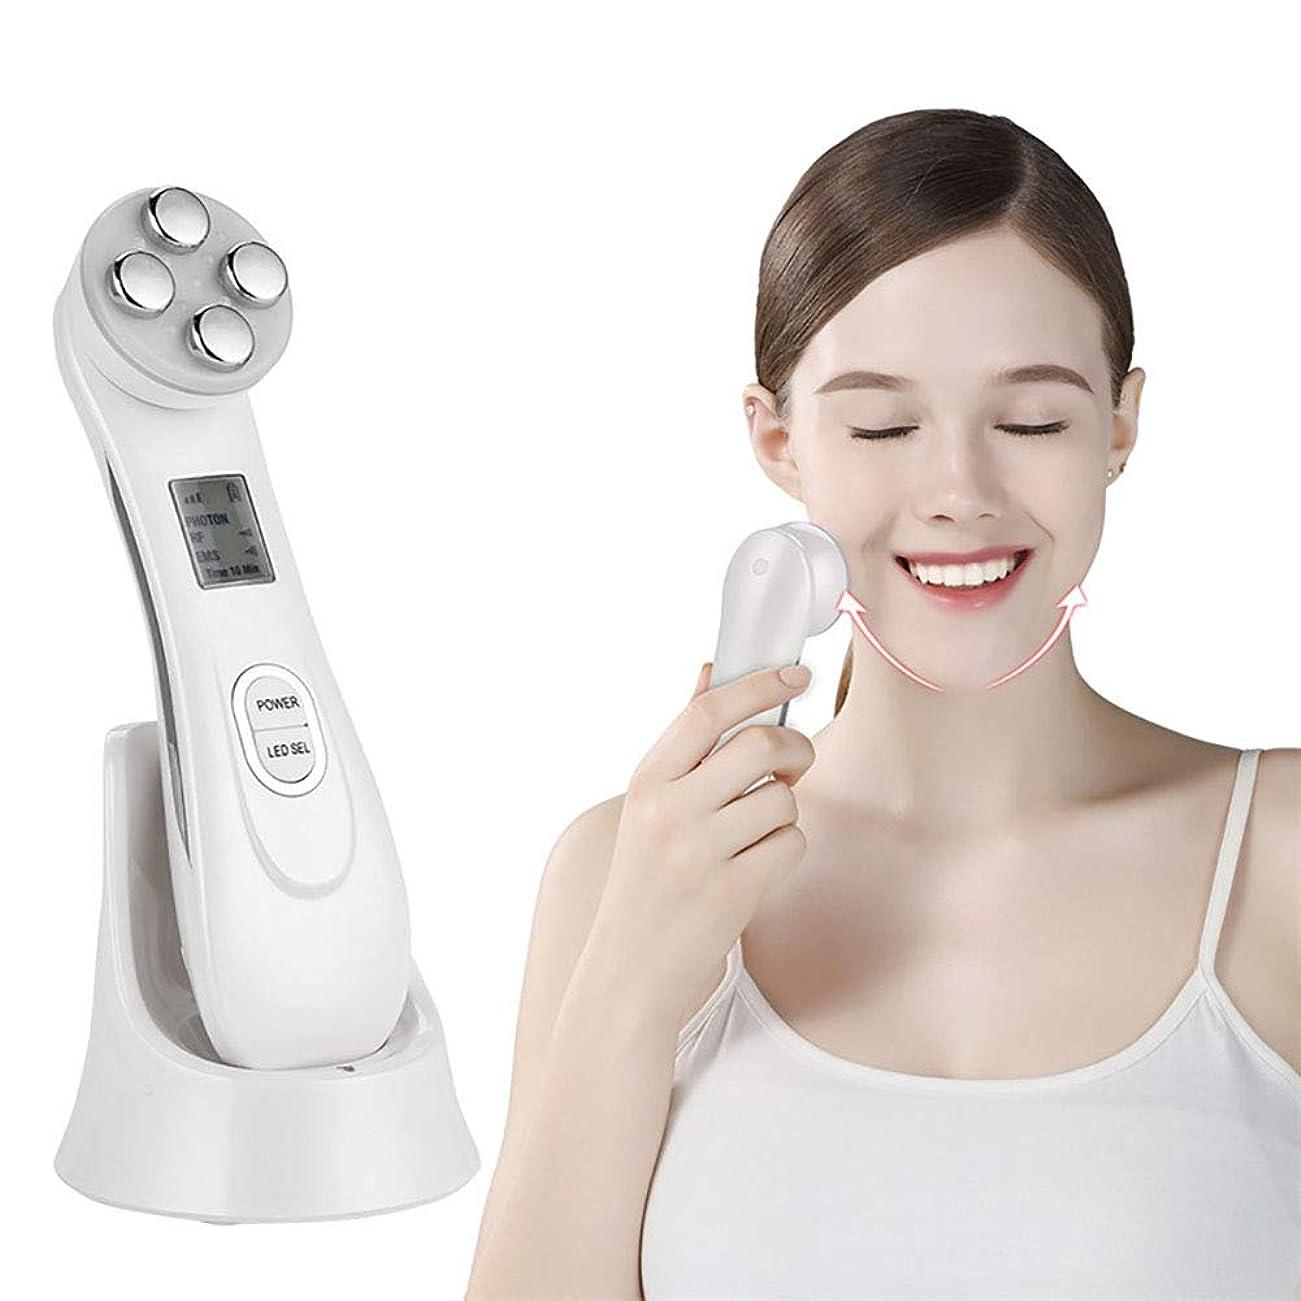 フェイシャルスキンEMSメソセラピーエレクトロポレーションRF RFフェイシャルLEDフォトンスキンケア機器フェイシャルリフティング引き締め美容ツール